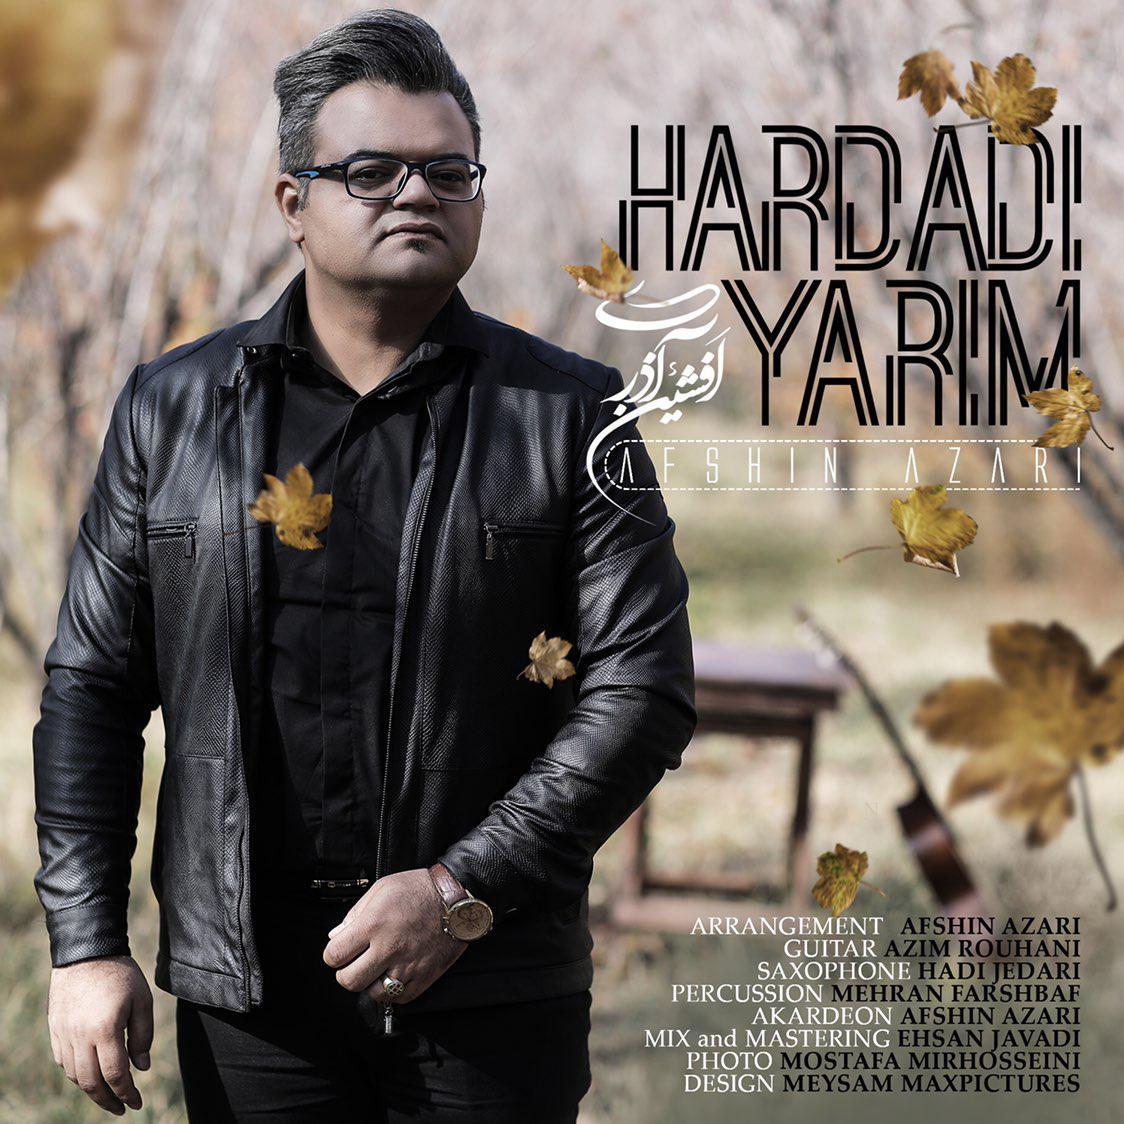 Afshin Azari - Hardadi Yarim